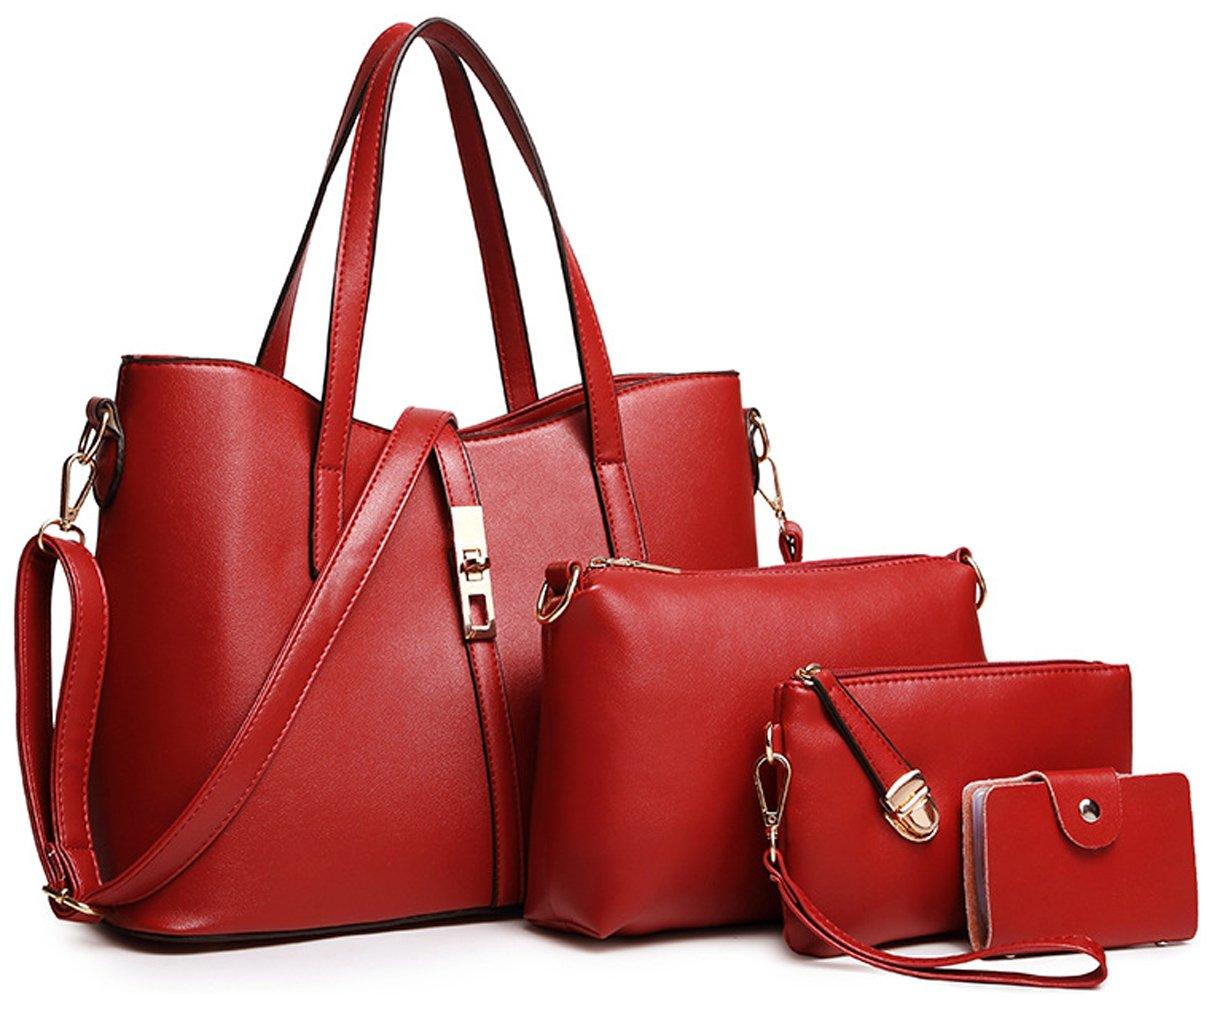 Tibes Fashion Top-handle Handbag+Shoulder Bag+Purse+Card Holder 4pcs Set Tote Large Wine Red